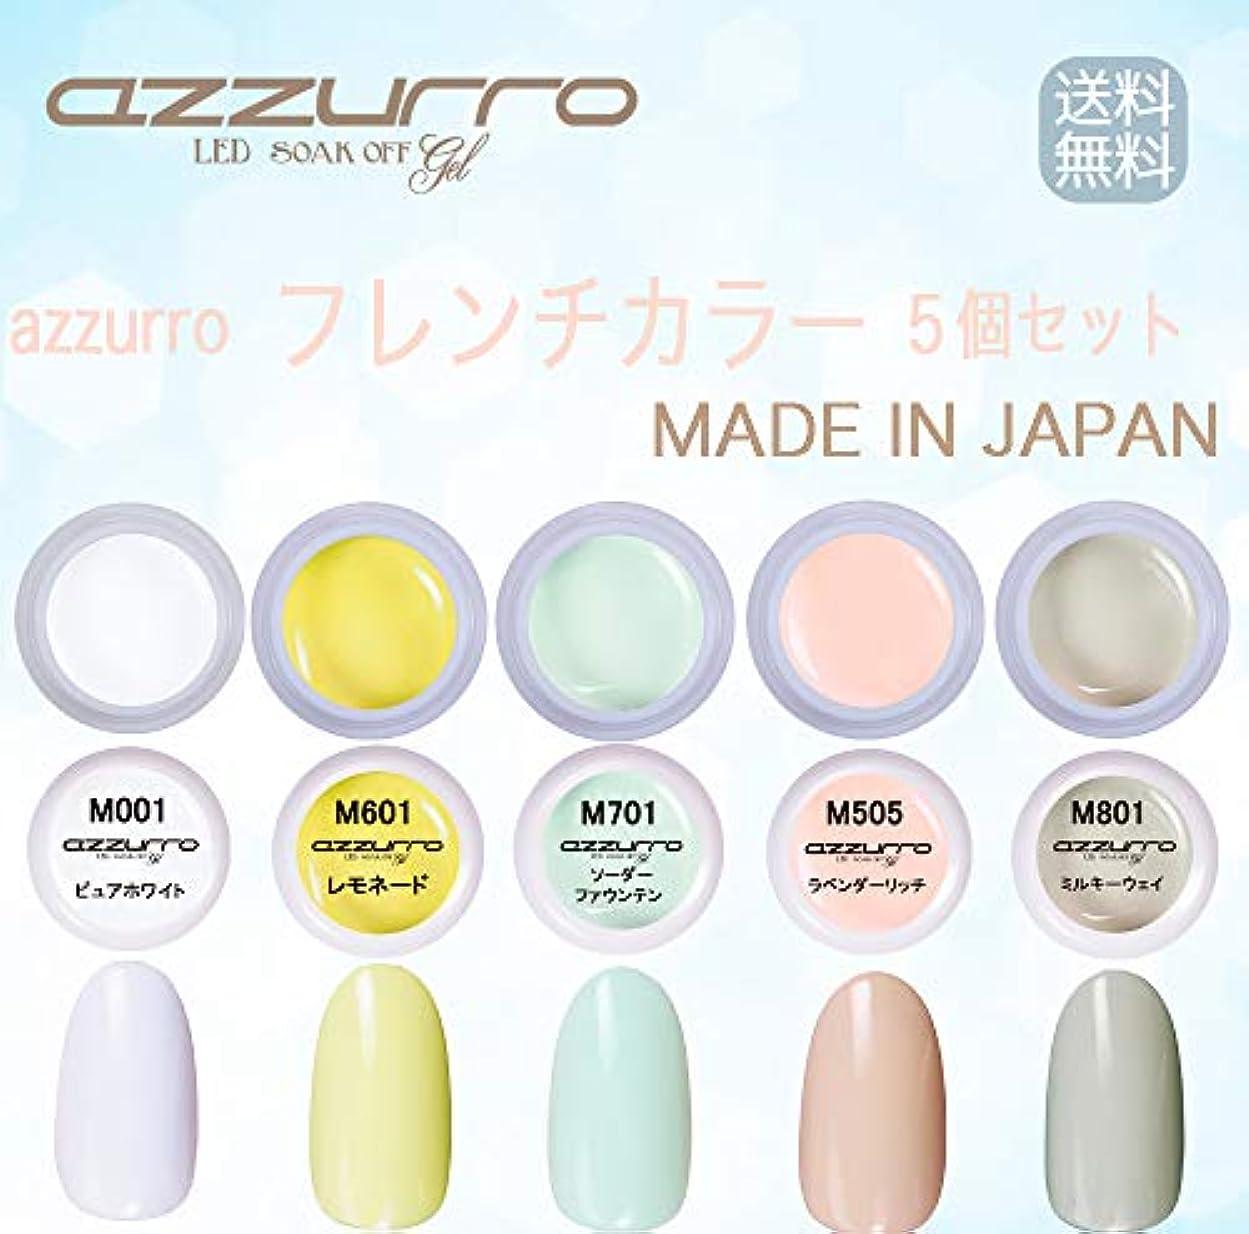 パーティー国際許容できる【送料無料】日本製 azzurro gel フレンチカラージェル5個セット 春にピッタリでかわいいフレンチネイルにピッタリなカラー